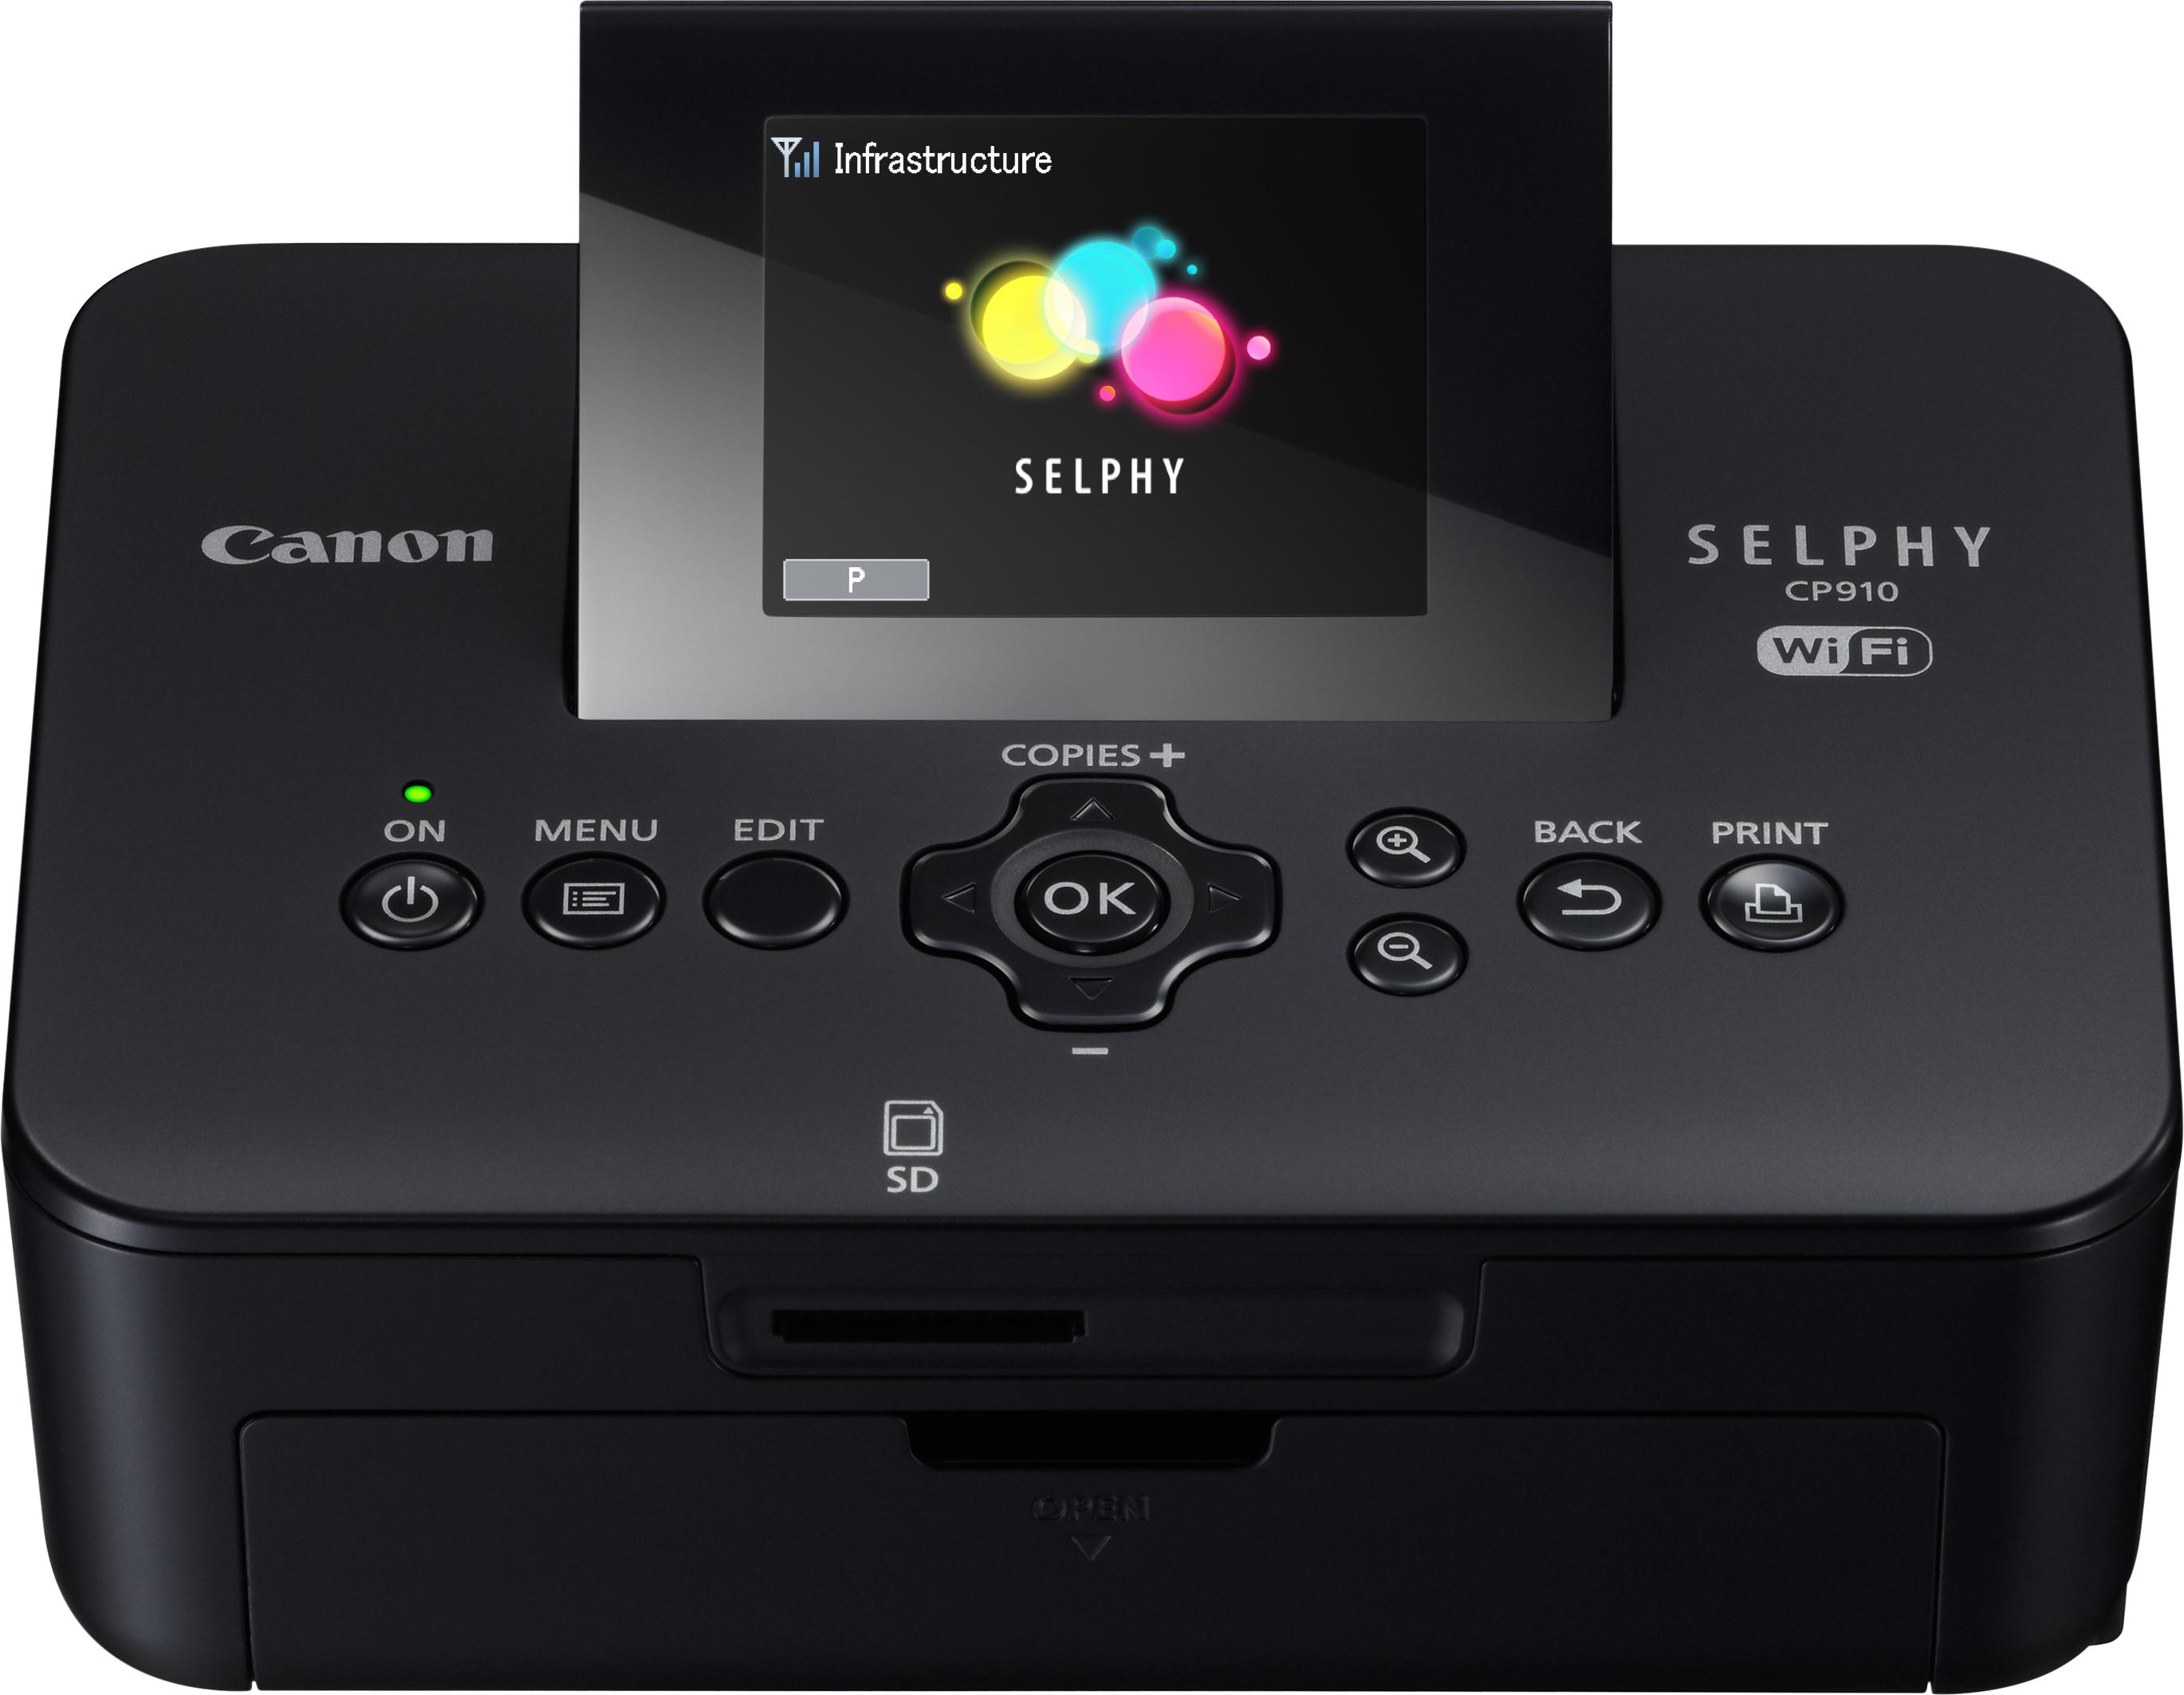 Vente cartouche d'encre discount, cartouche imprimante Quelle imprimante photo choisir